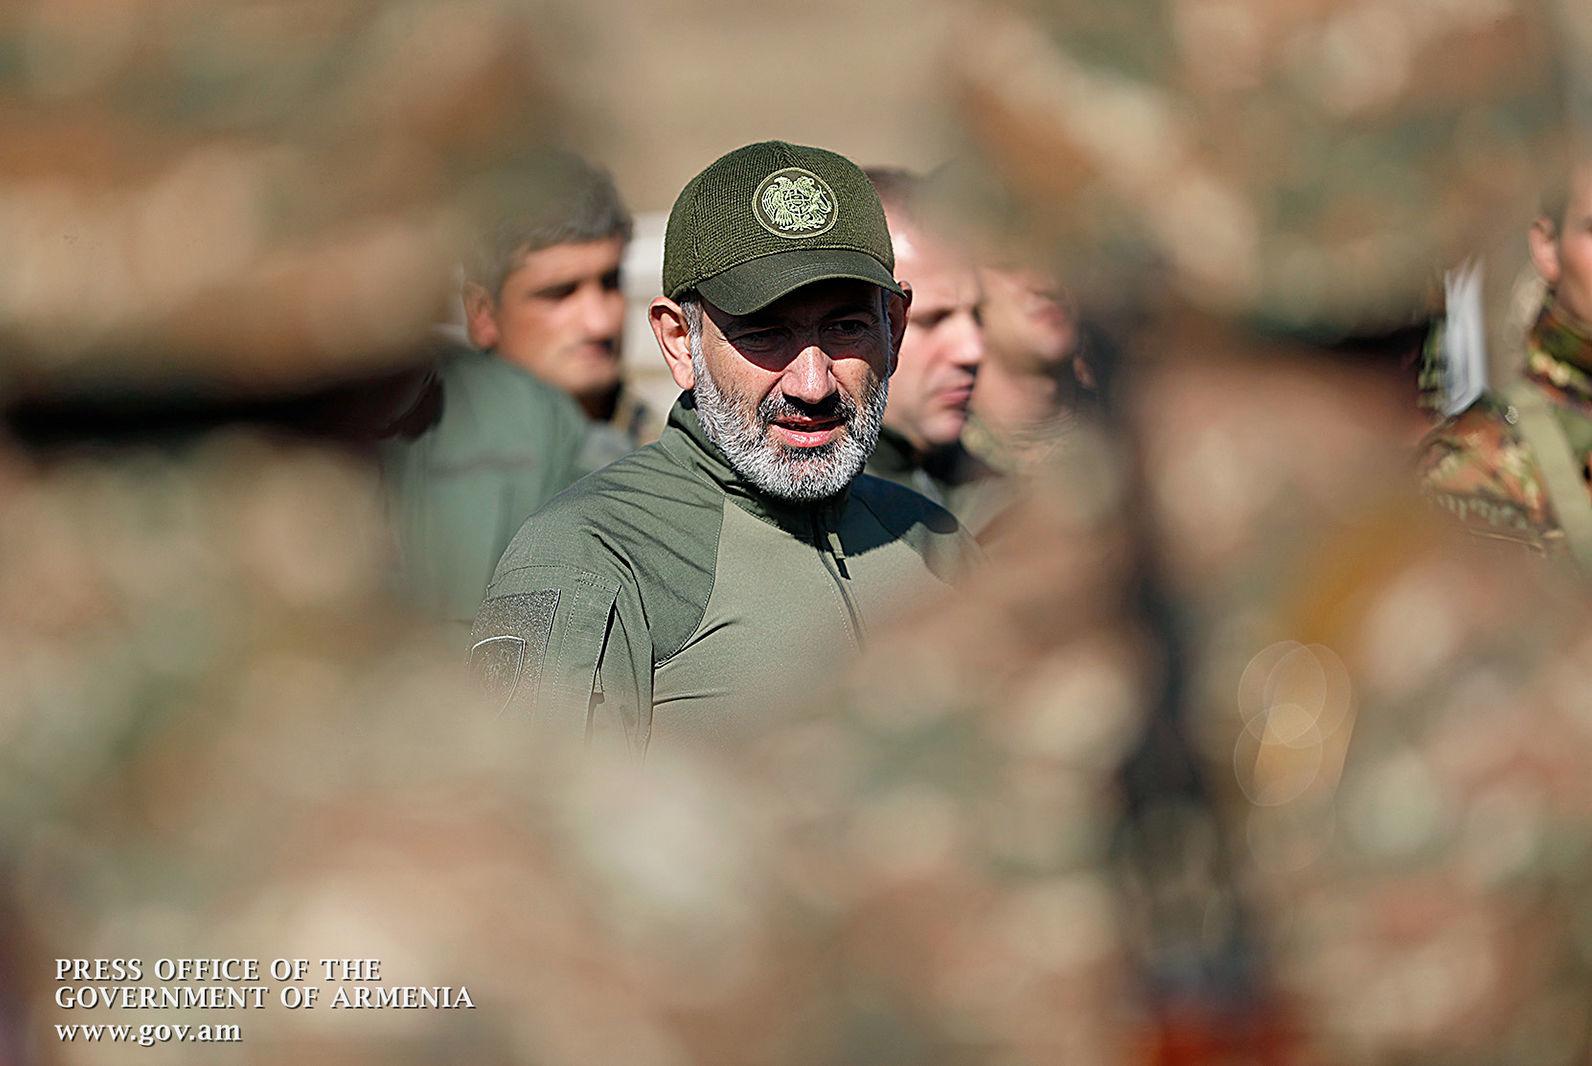 Карабах: почему война была неизбежна, кому она выгодна и чем закончится? — Naked Science